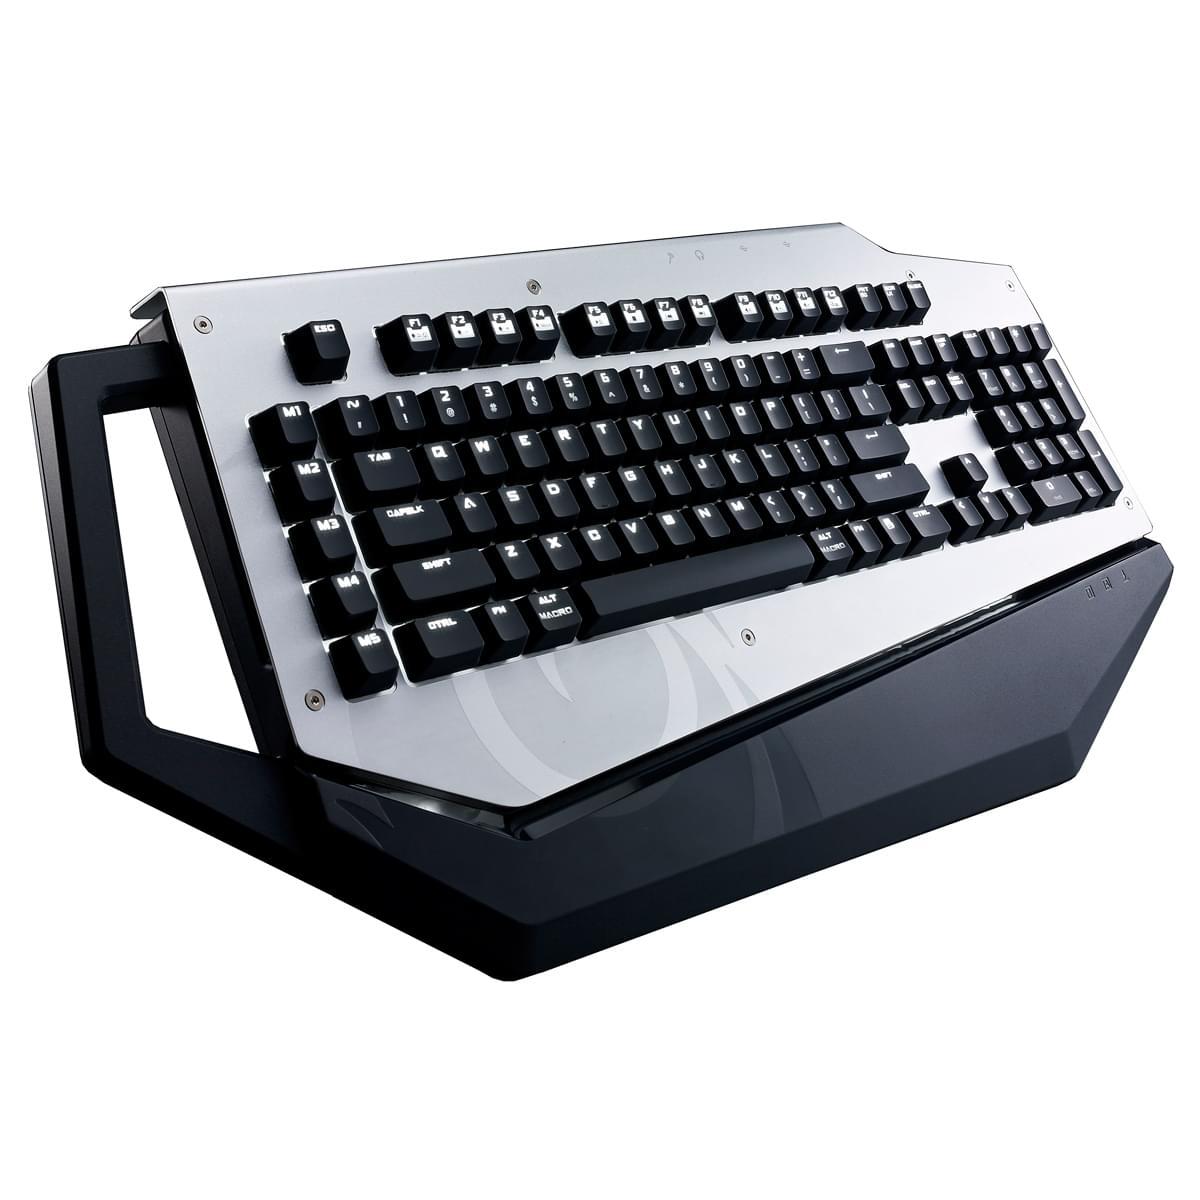 Cooler Master Storm MECH Switch bleu (SGK-7000-MBCL1-FR soldé) - Achat / Vente Clavier PC sur Cybertek.fr - 0